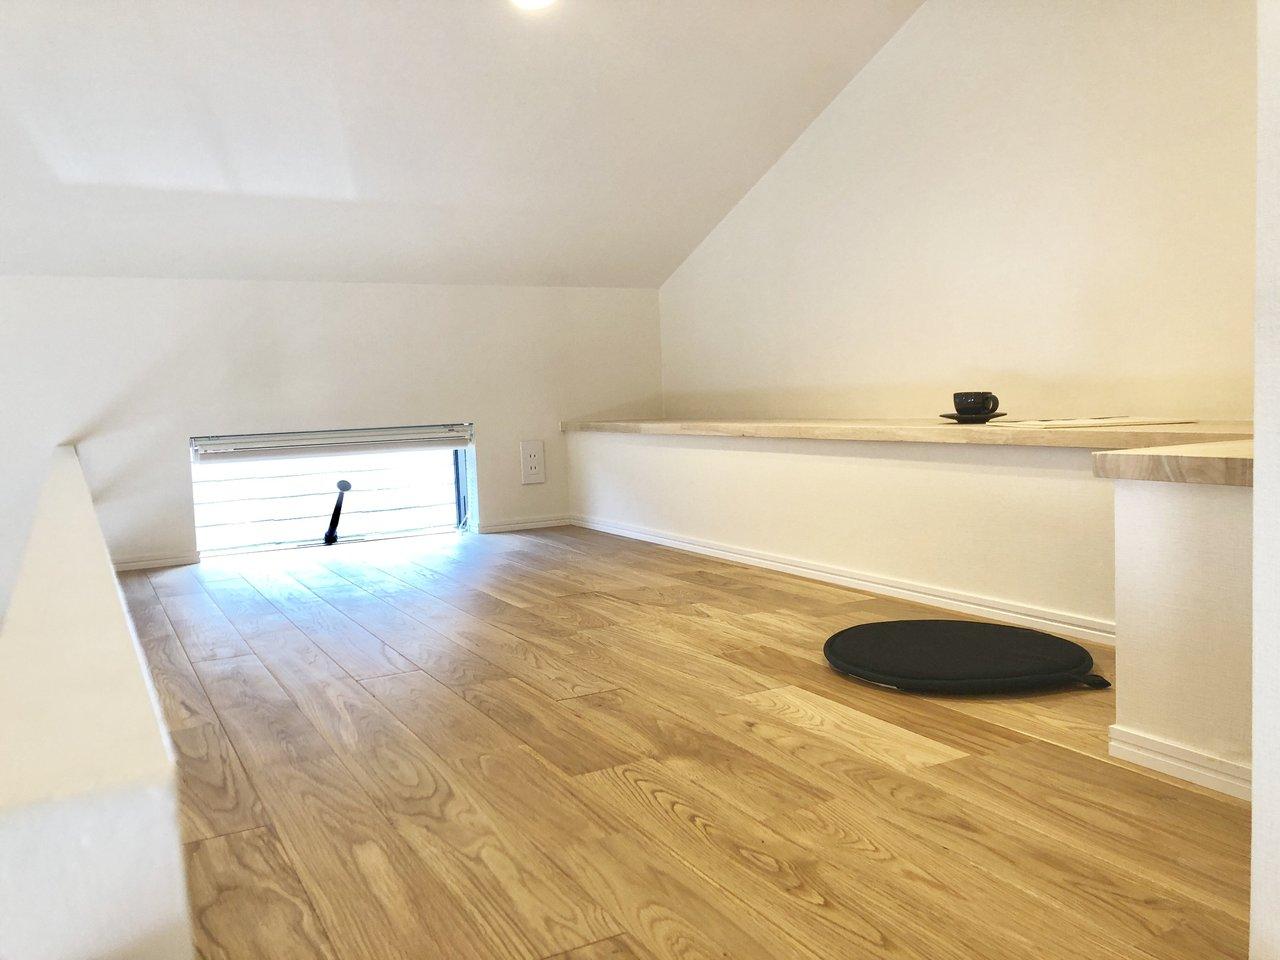 そう、ロフト付きのお部屋だからなんです。ベッドを置かなくていい分、広々とリビングを使うことができるというわけ。ロフトには窓やベンチ部分もあって、閉塞感がなく使い勝手がよさそうでいいですよね。